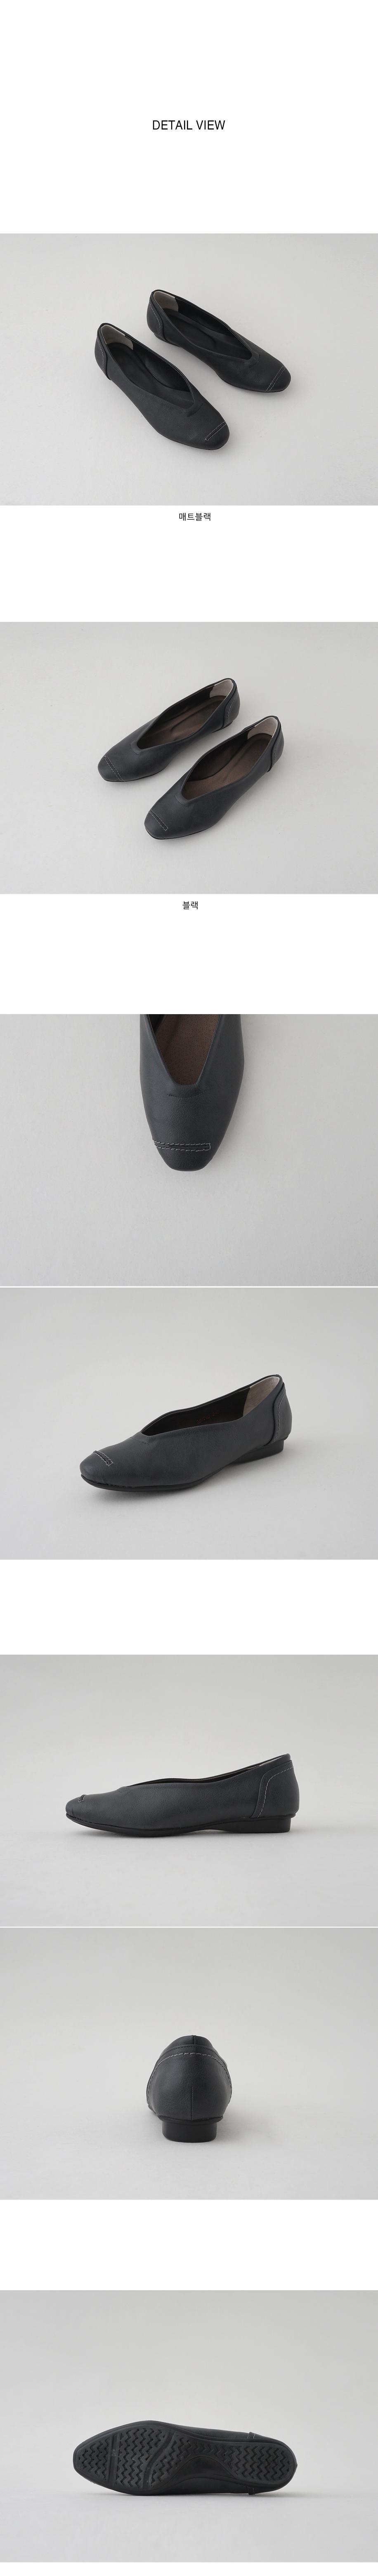 tidy stitch flat shoes